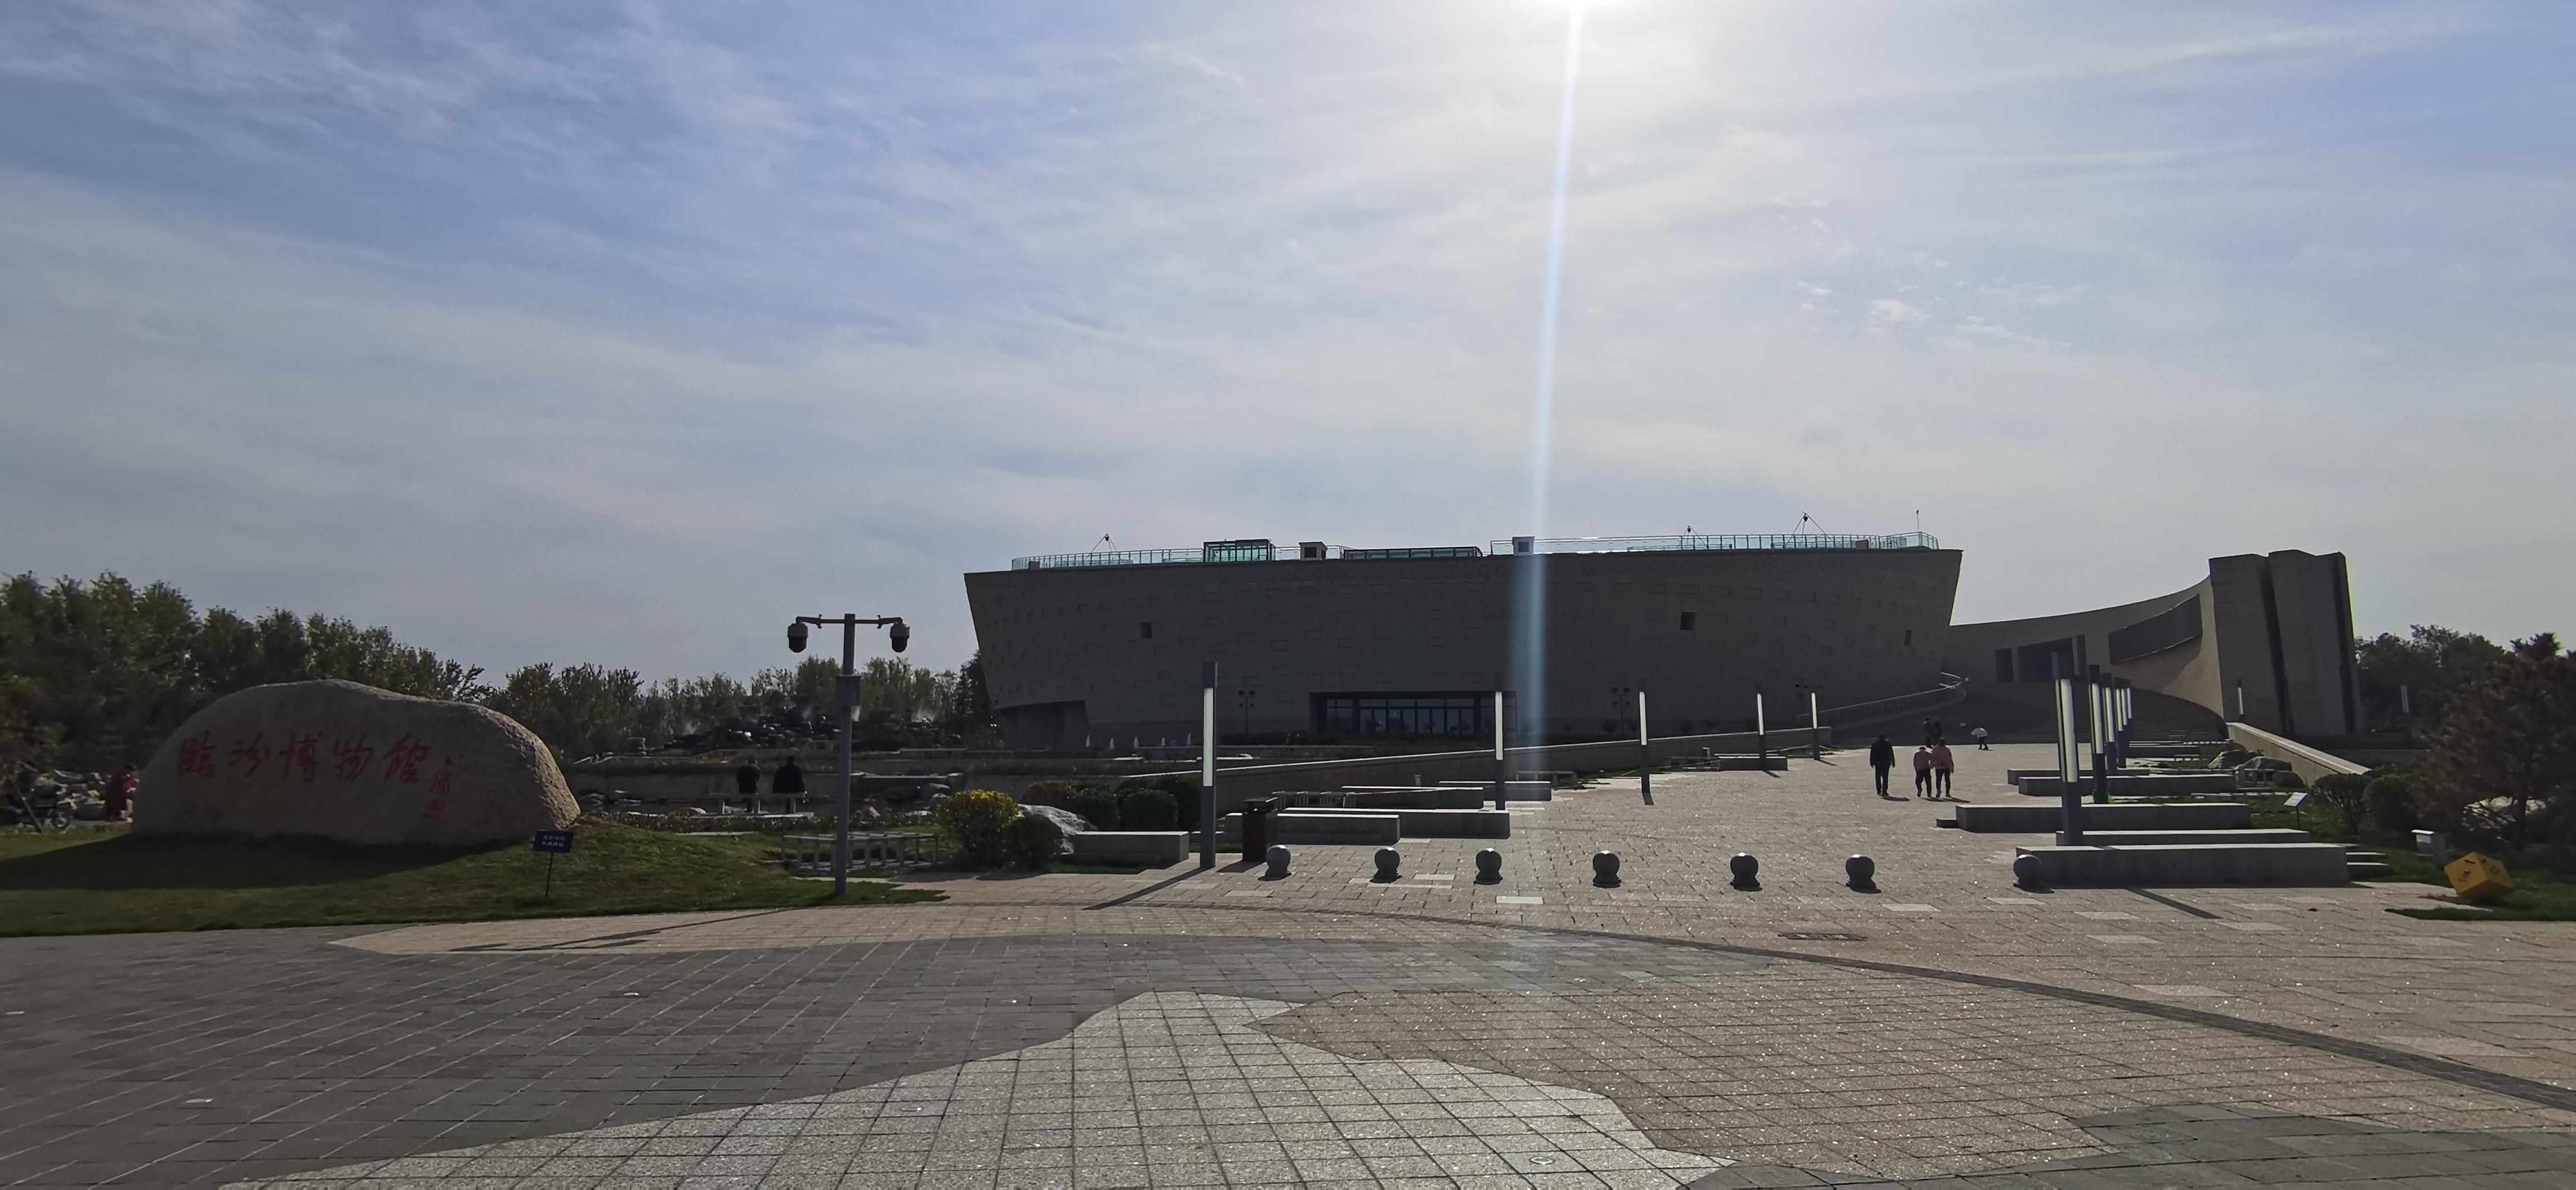 参观临汾市博物馆Linfen Museum